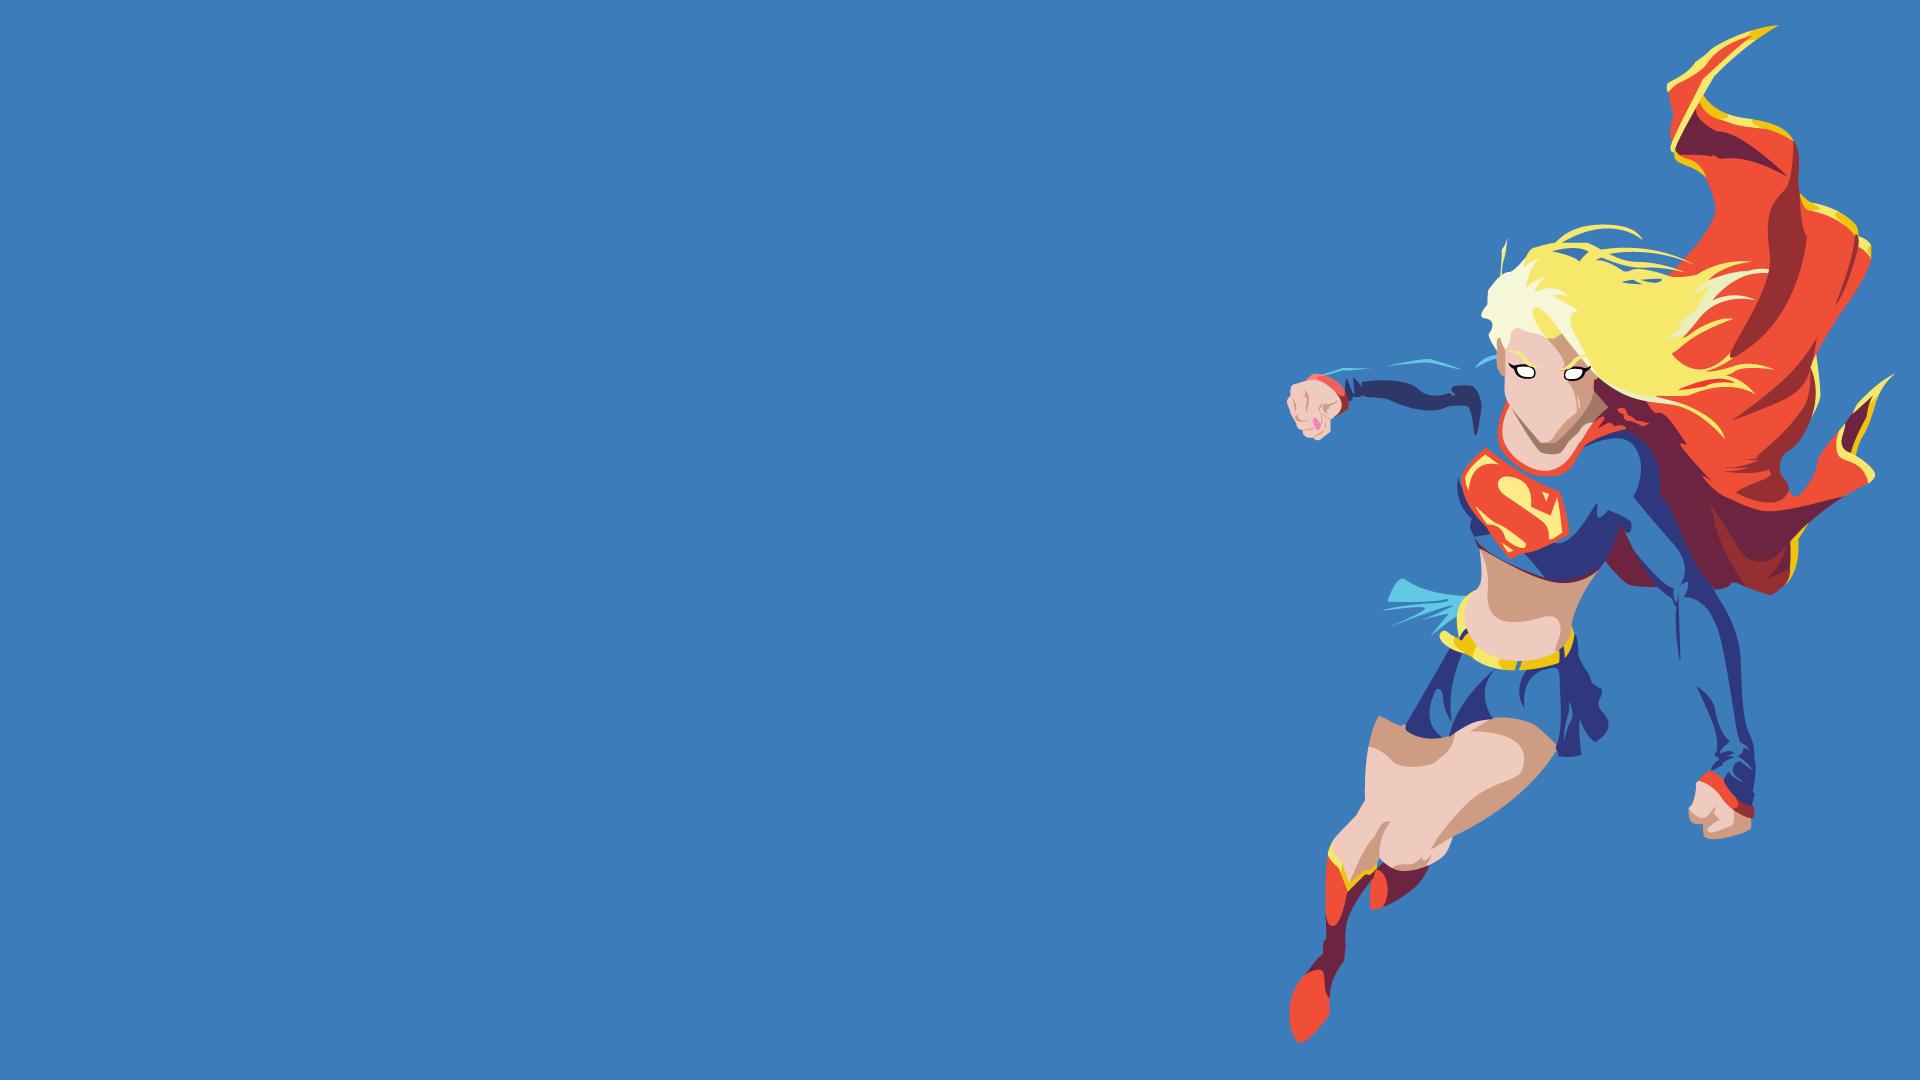 1920x1080 Supergirl Vector Wallpaper [1920x1080] Comicwalls